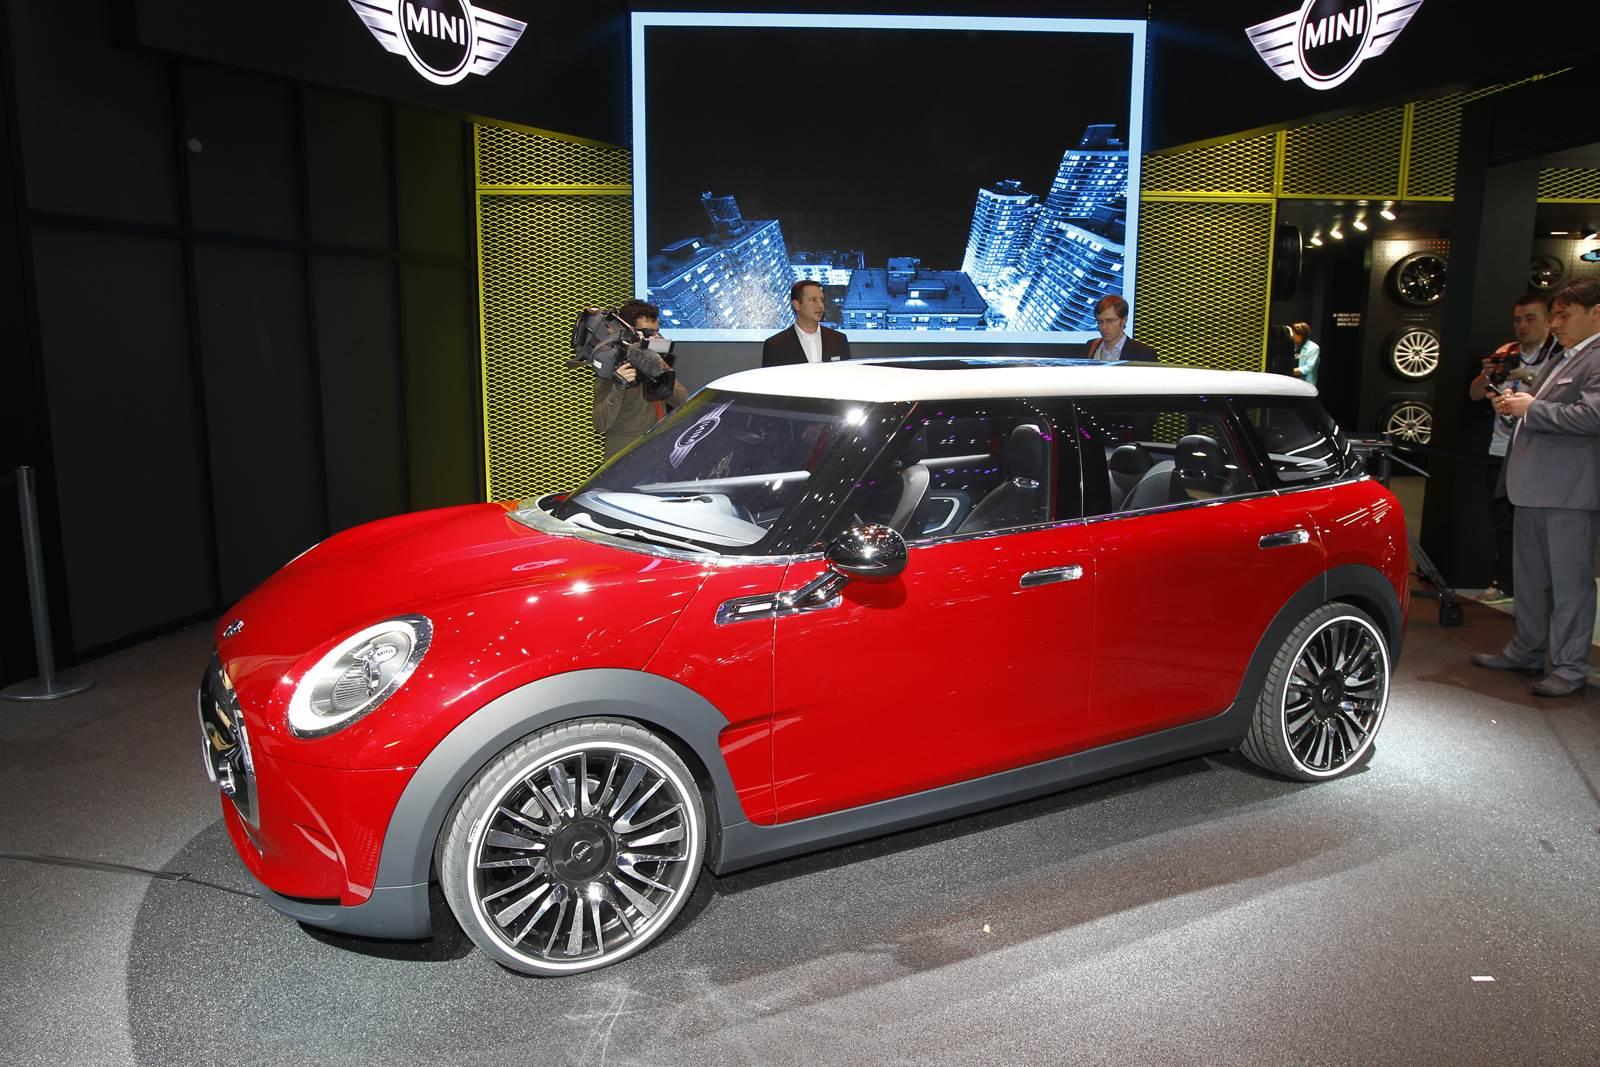 Geneva 2014: New Mini Clubman concept shown